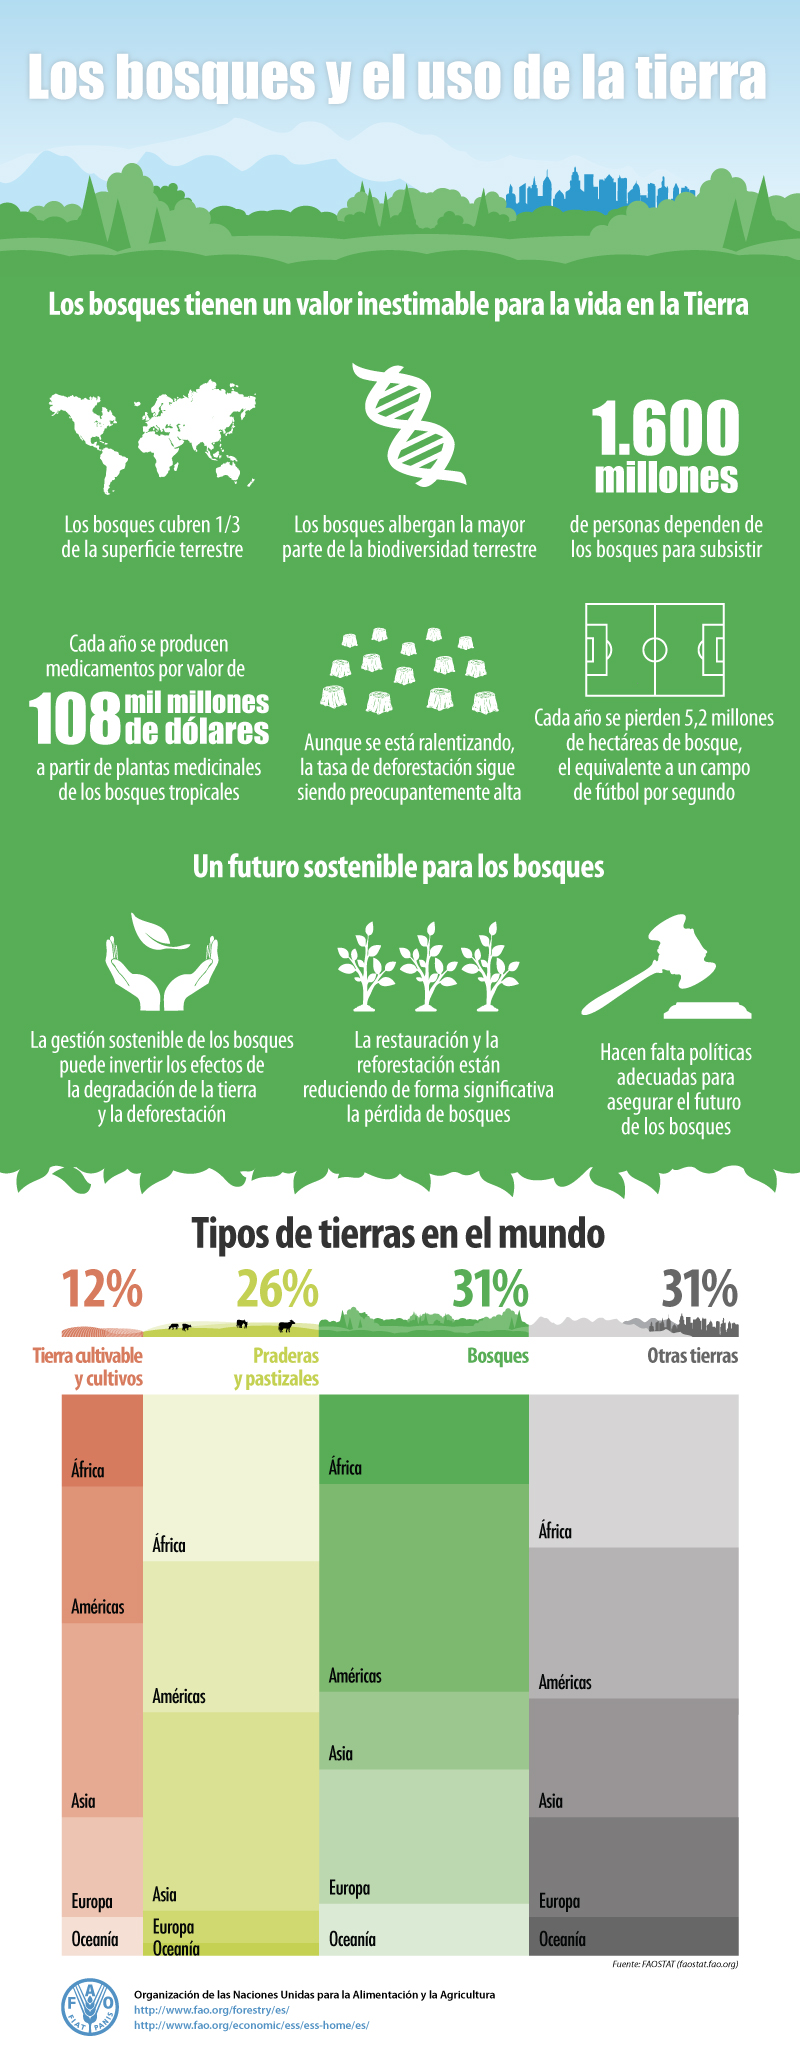 Los bosques y el uso de la tierra